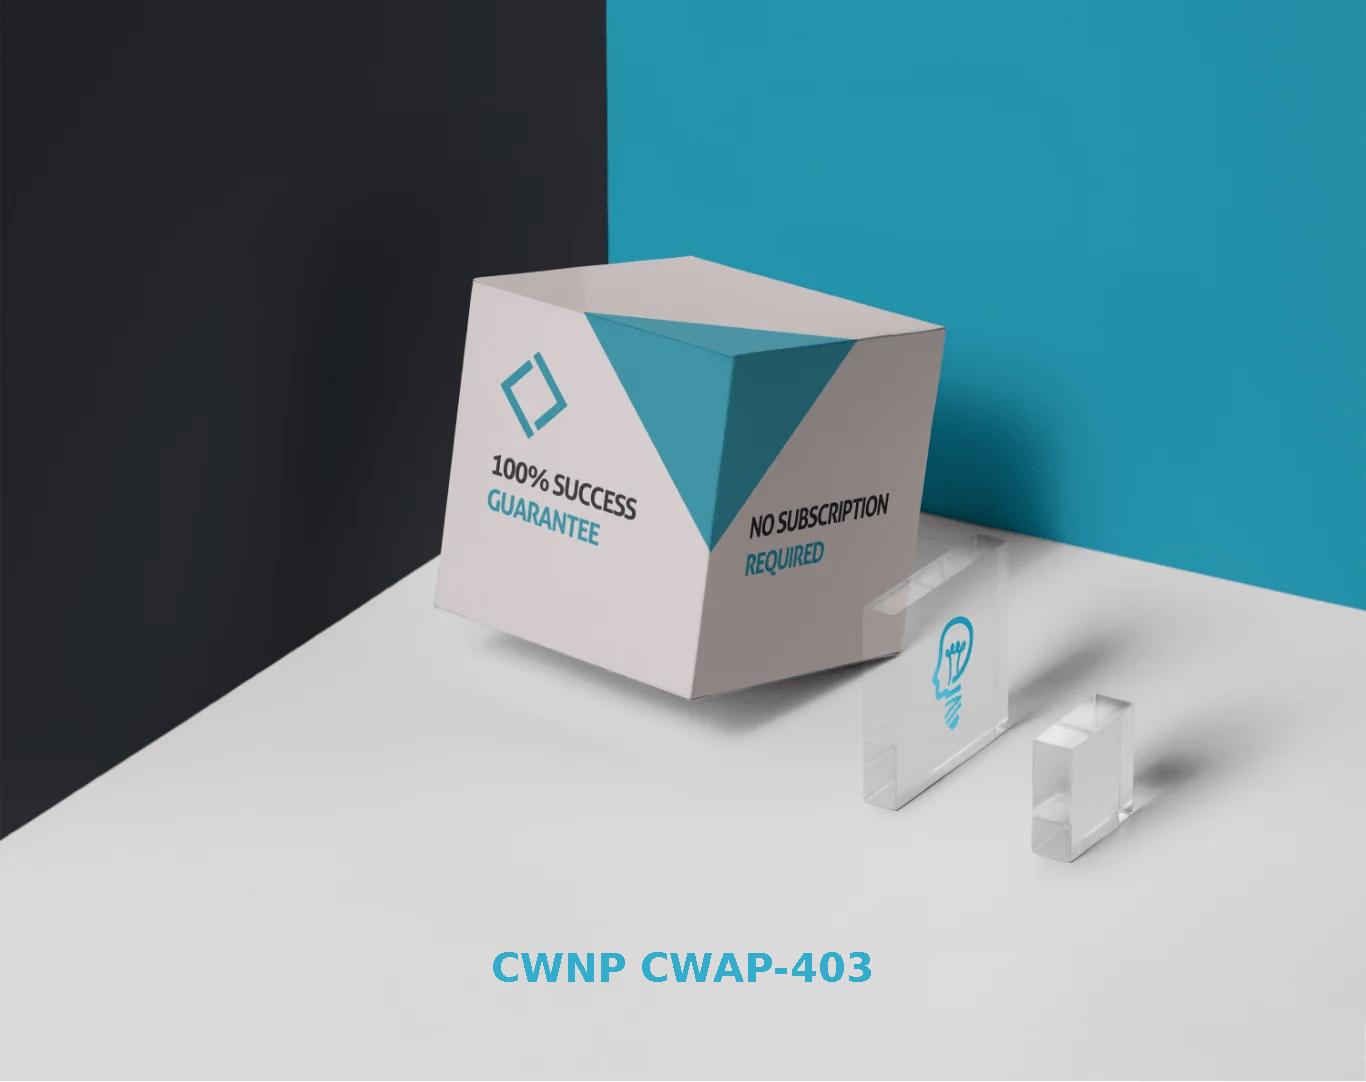 CWAP-403 Dumps